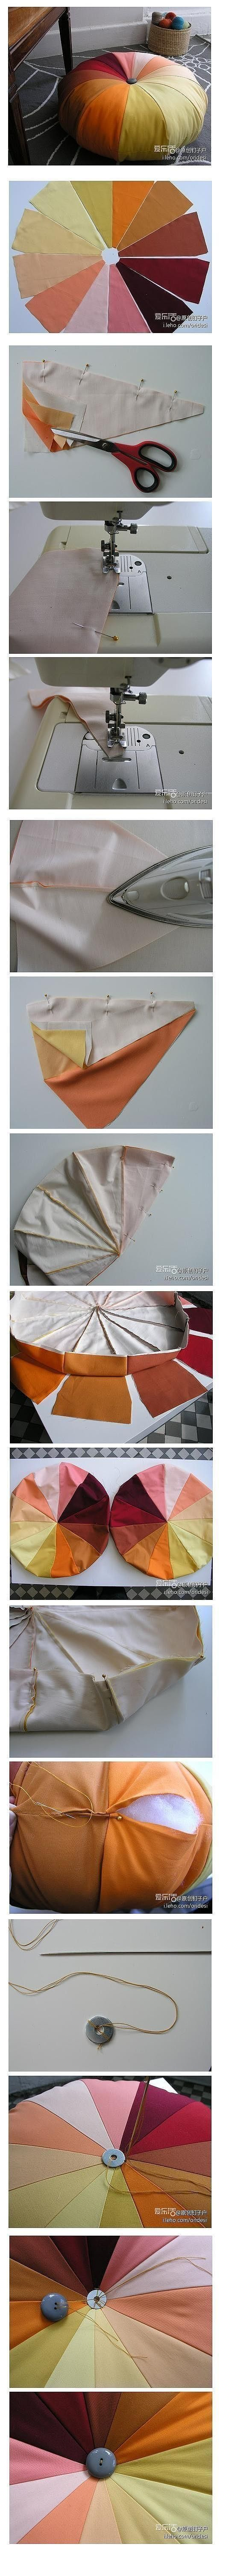 floor cushion / sedací polštář.